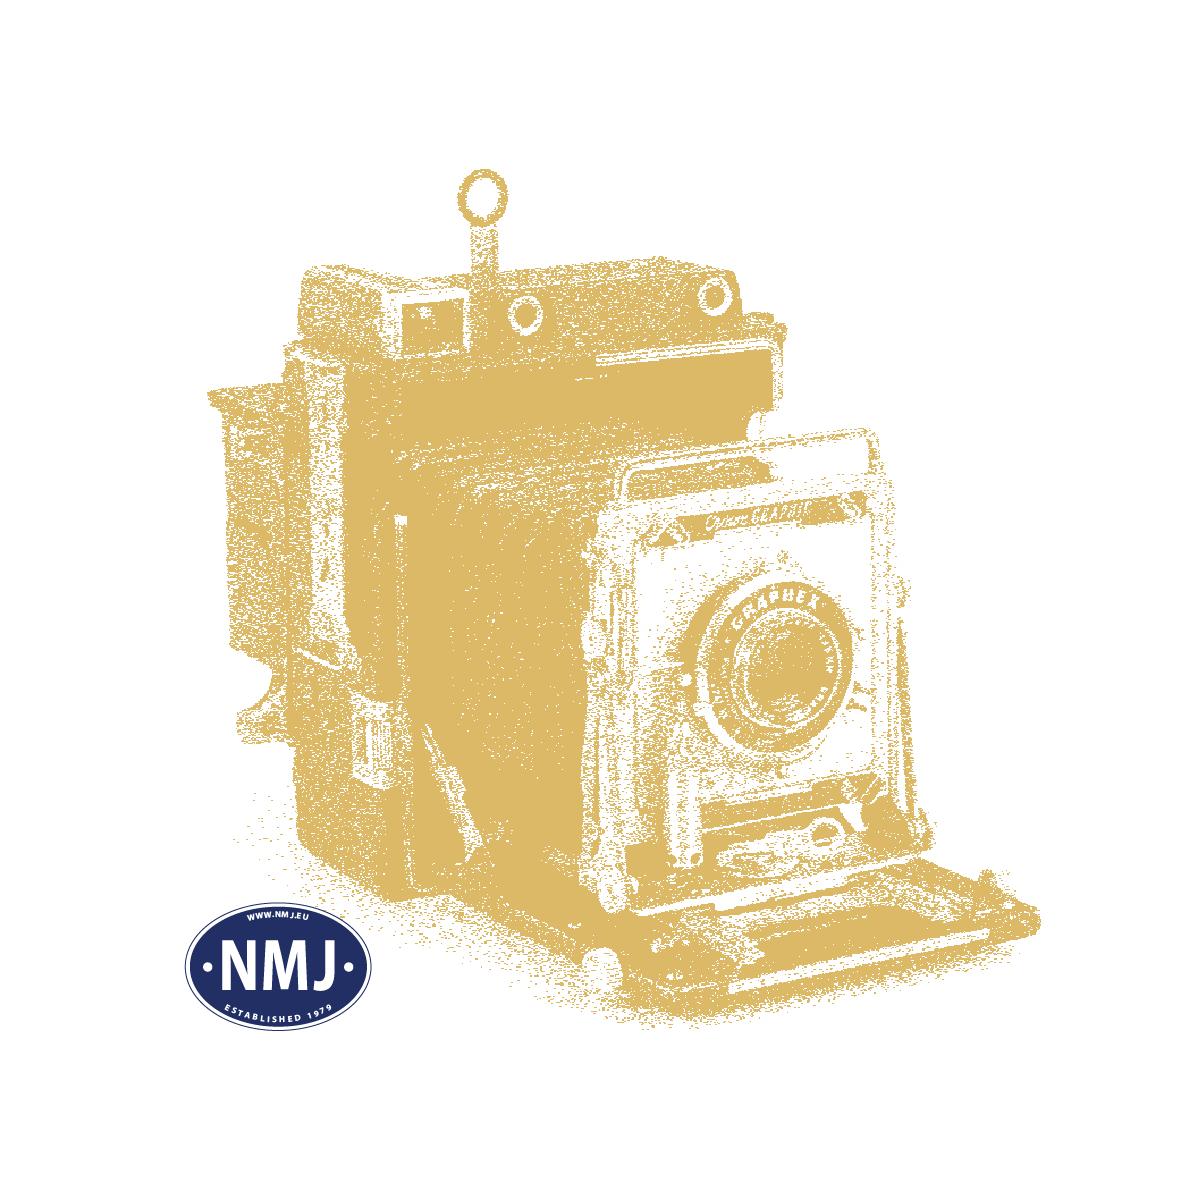 Topline Godsvogner, nmj-topline-507128-cargonet-lgns-42-76-443-2234-4-spar-H0, NMJT507.128